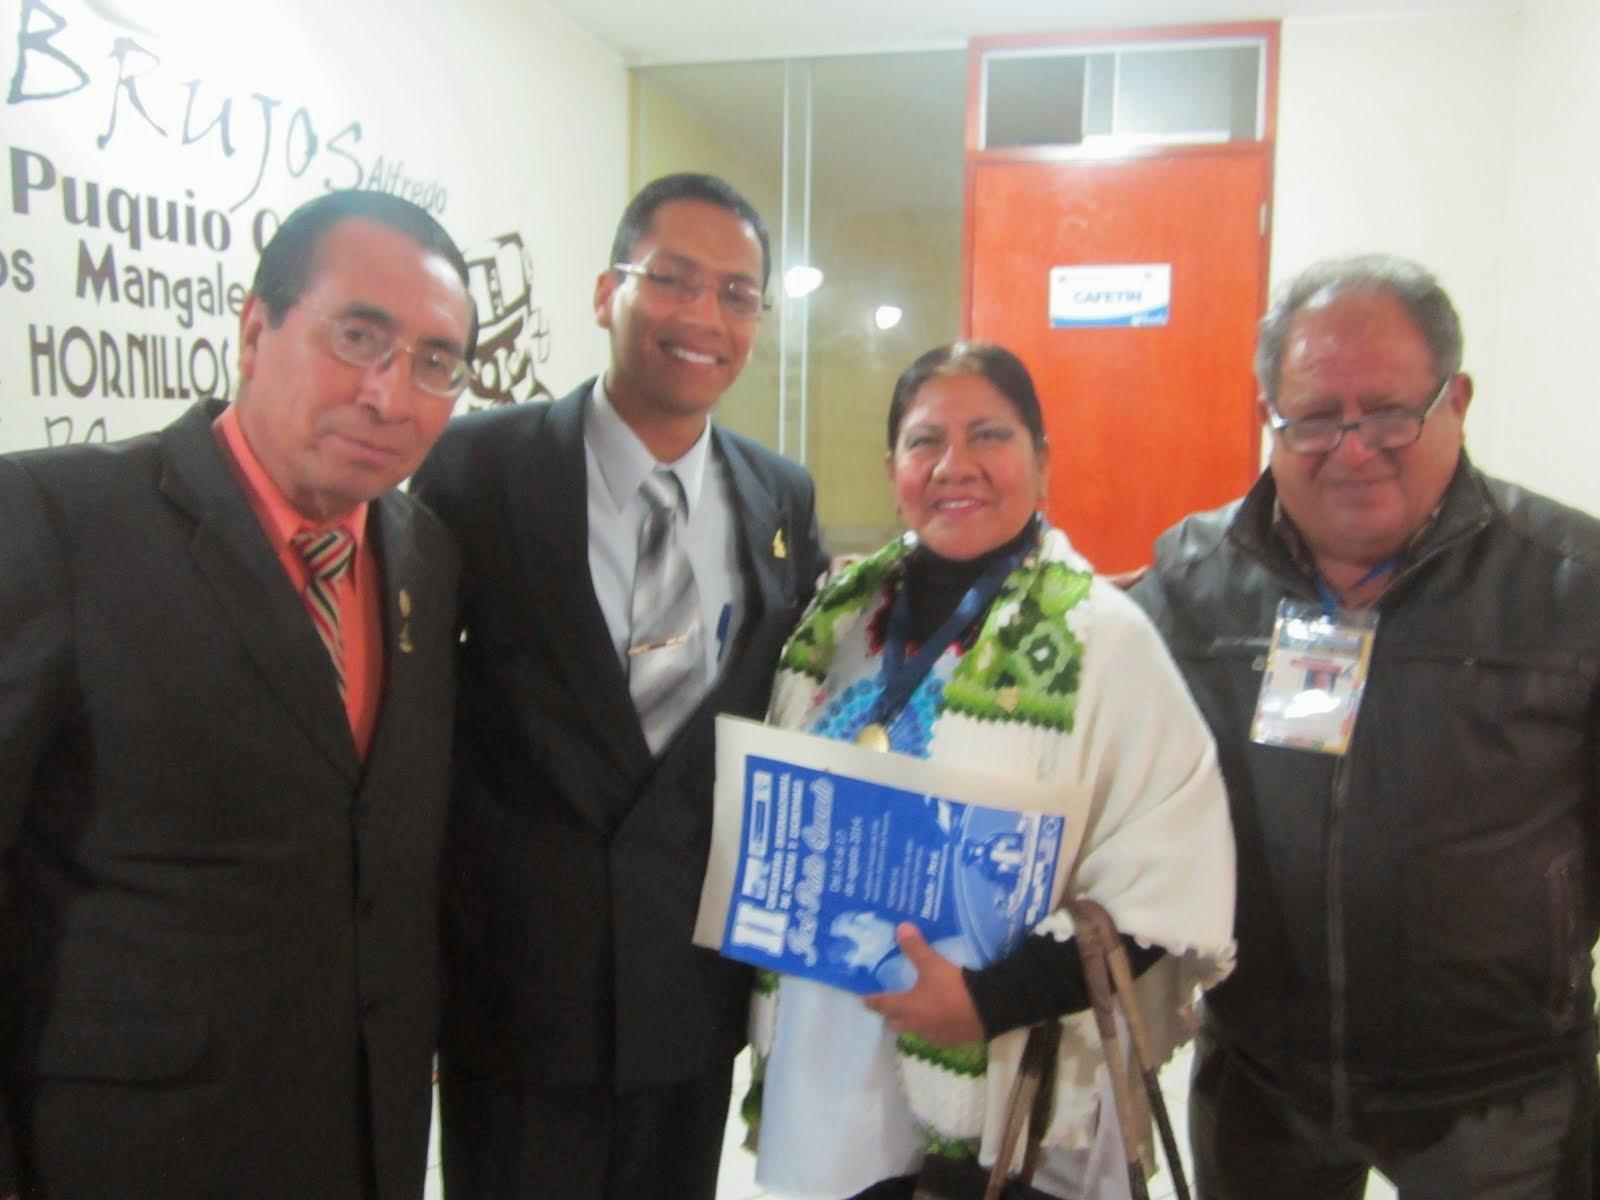 III Encuentro Internacional de poetas y escritores en Huacho